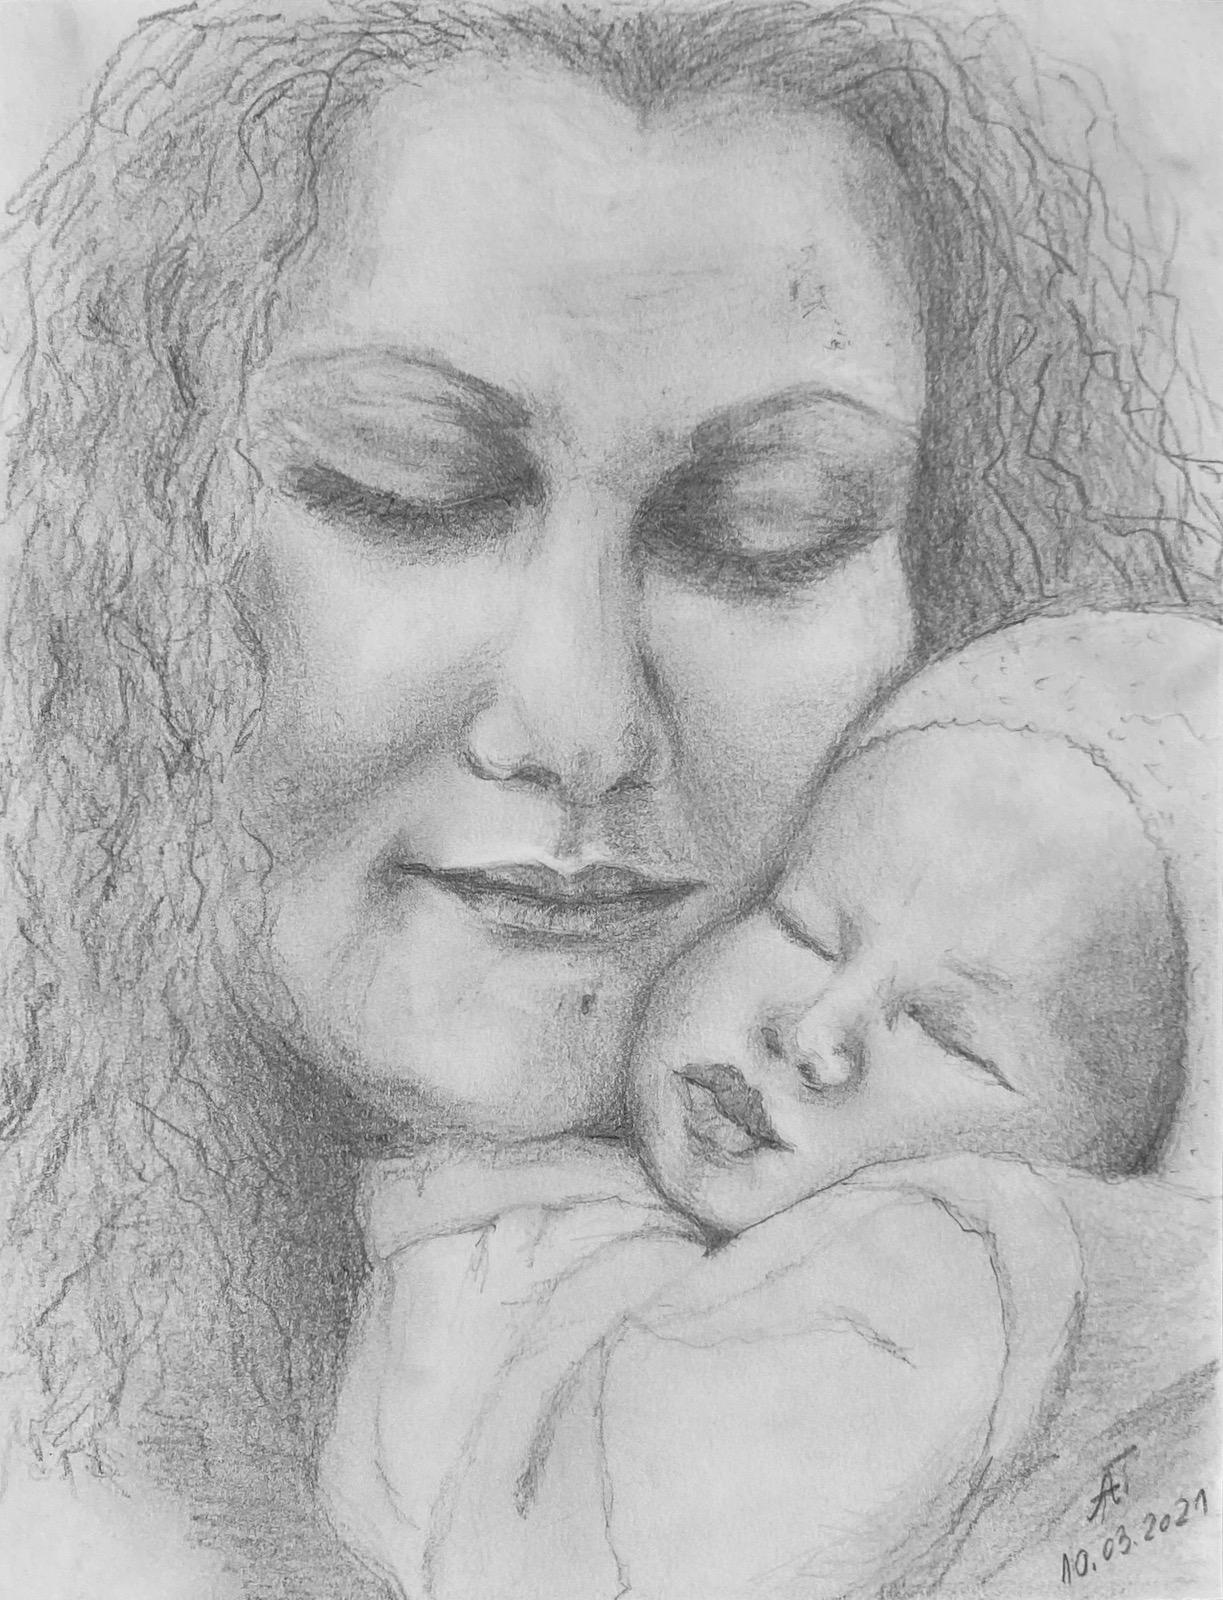 Mutterliebe, Bleistift auf Papier, 20x30,2020